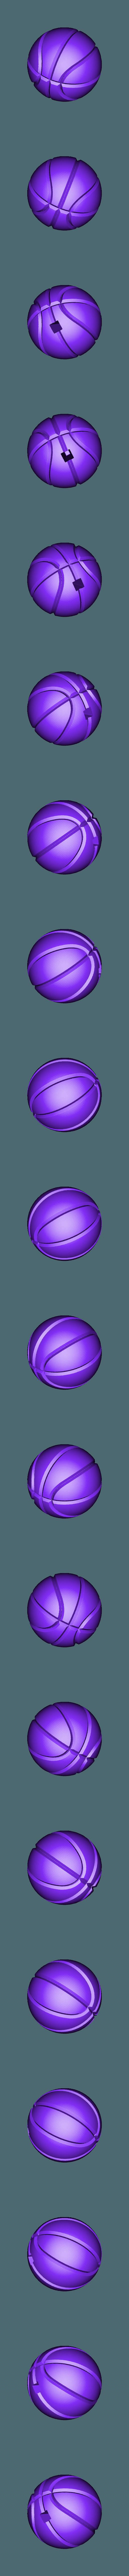 ballon.STL Télécharger fichier STL gratuit statue kobe bryant • Design à imprimer en 3D, fantibus14